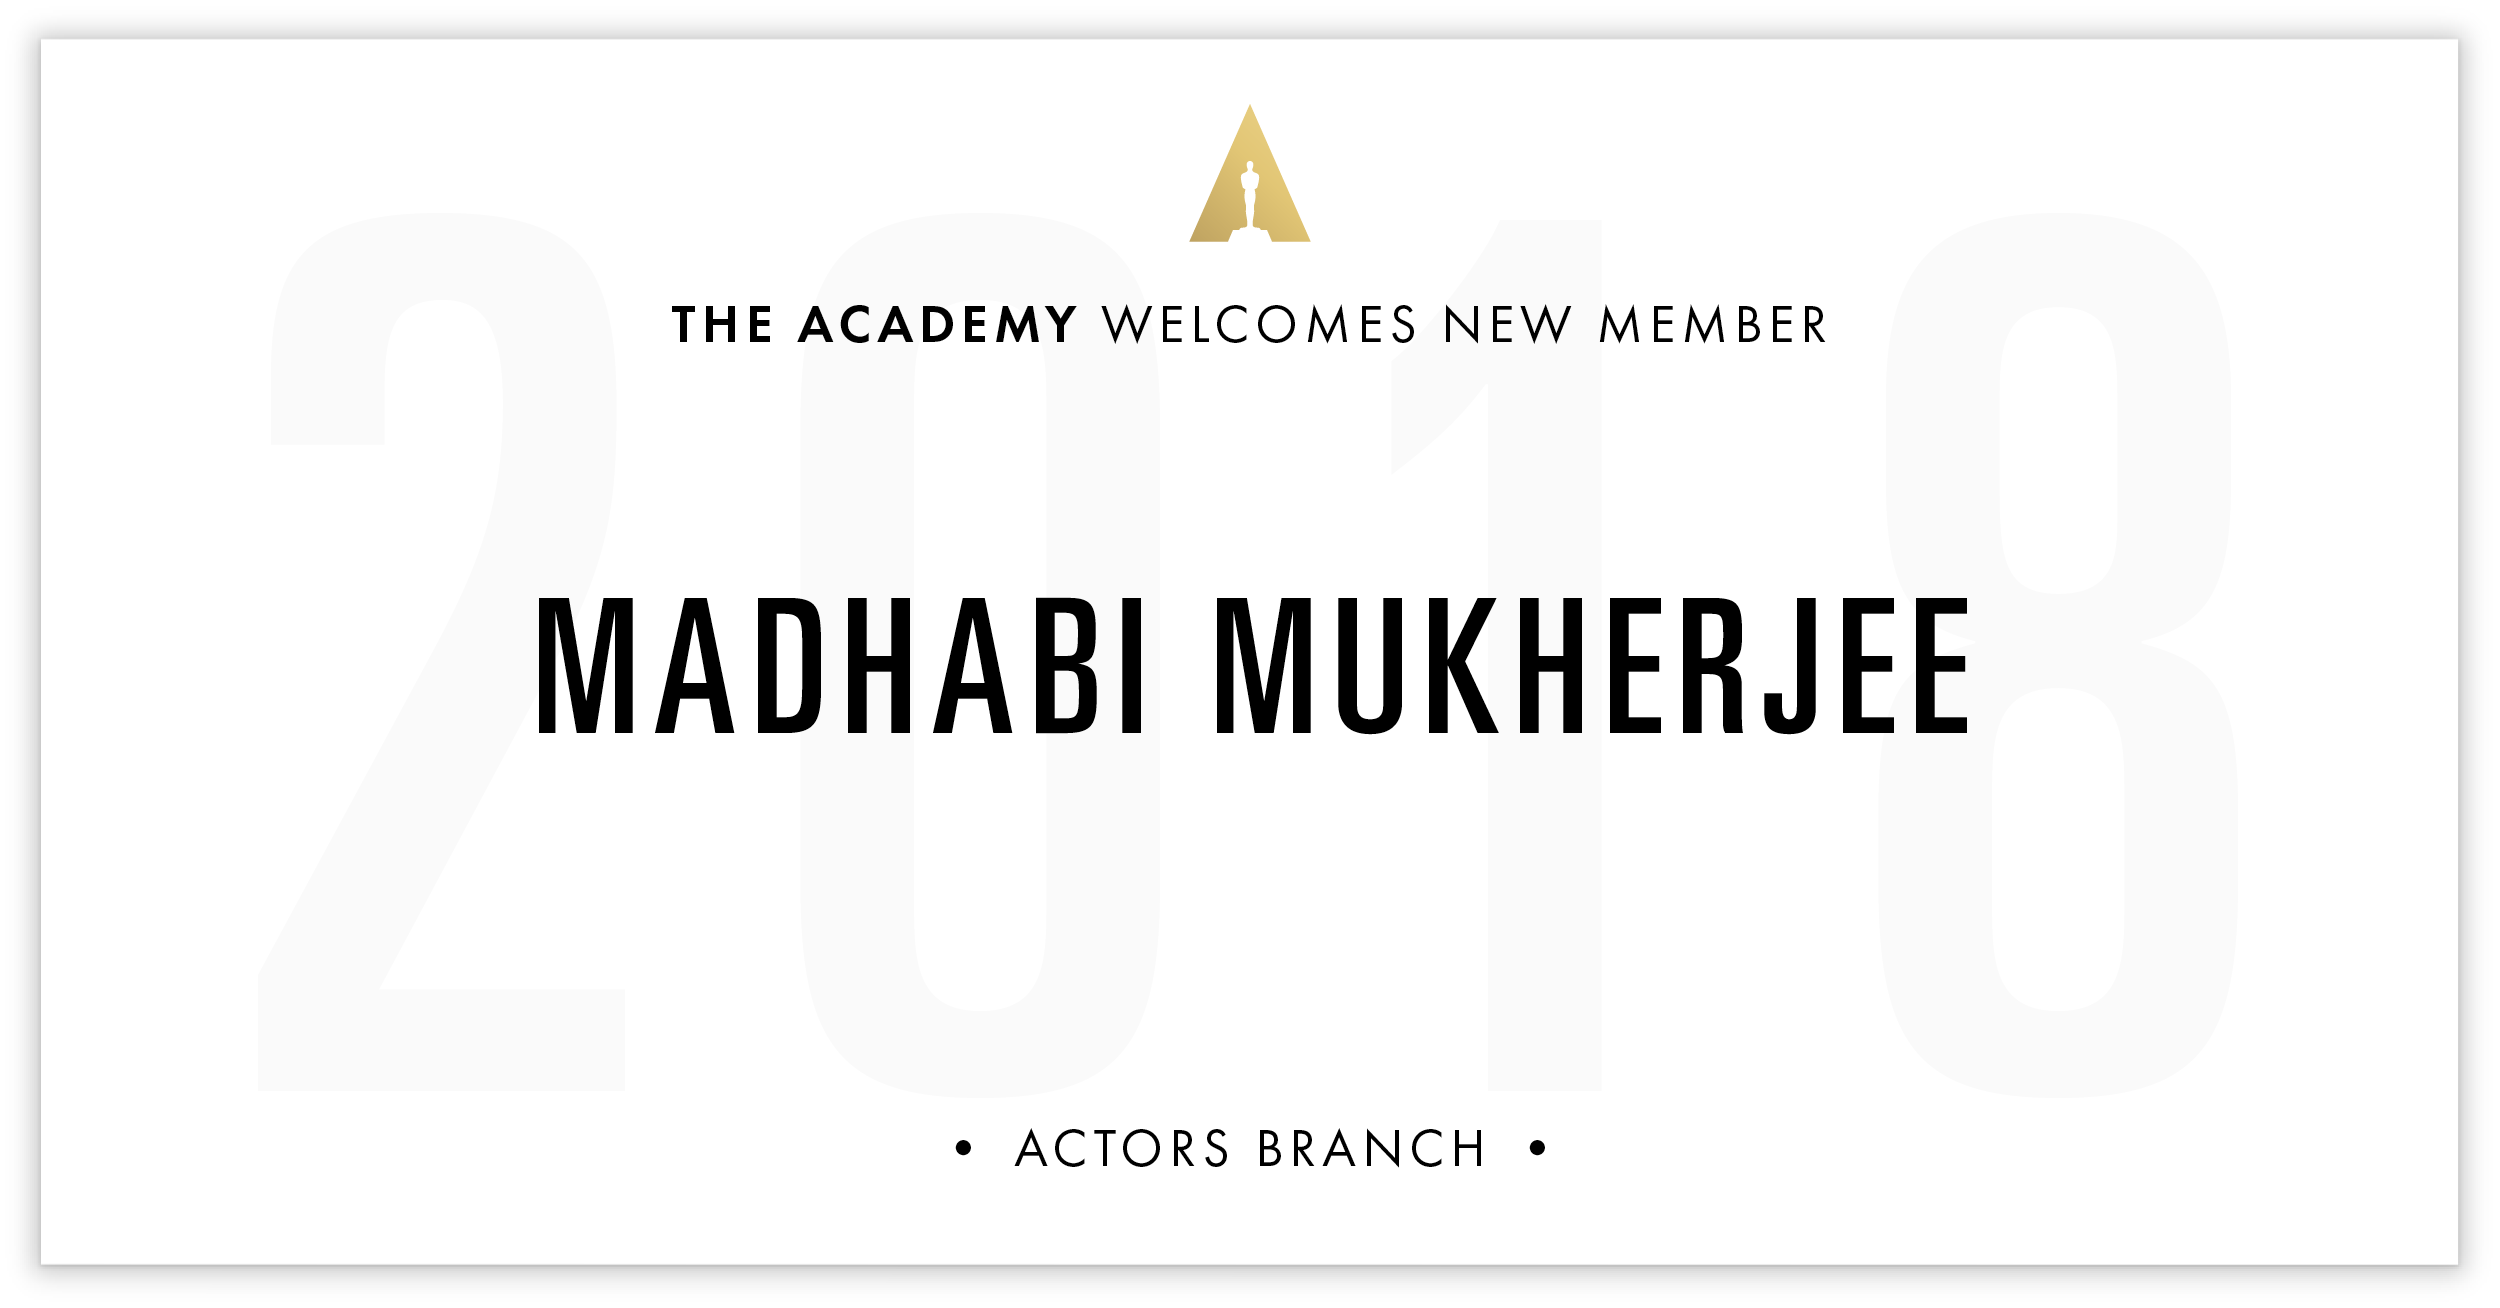 Madhabi Mukherjee is invited!